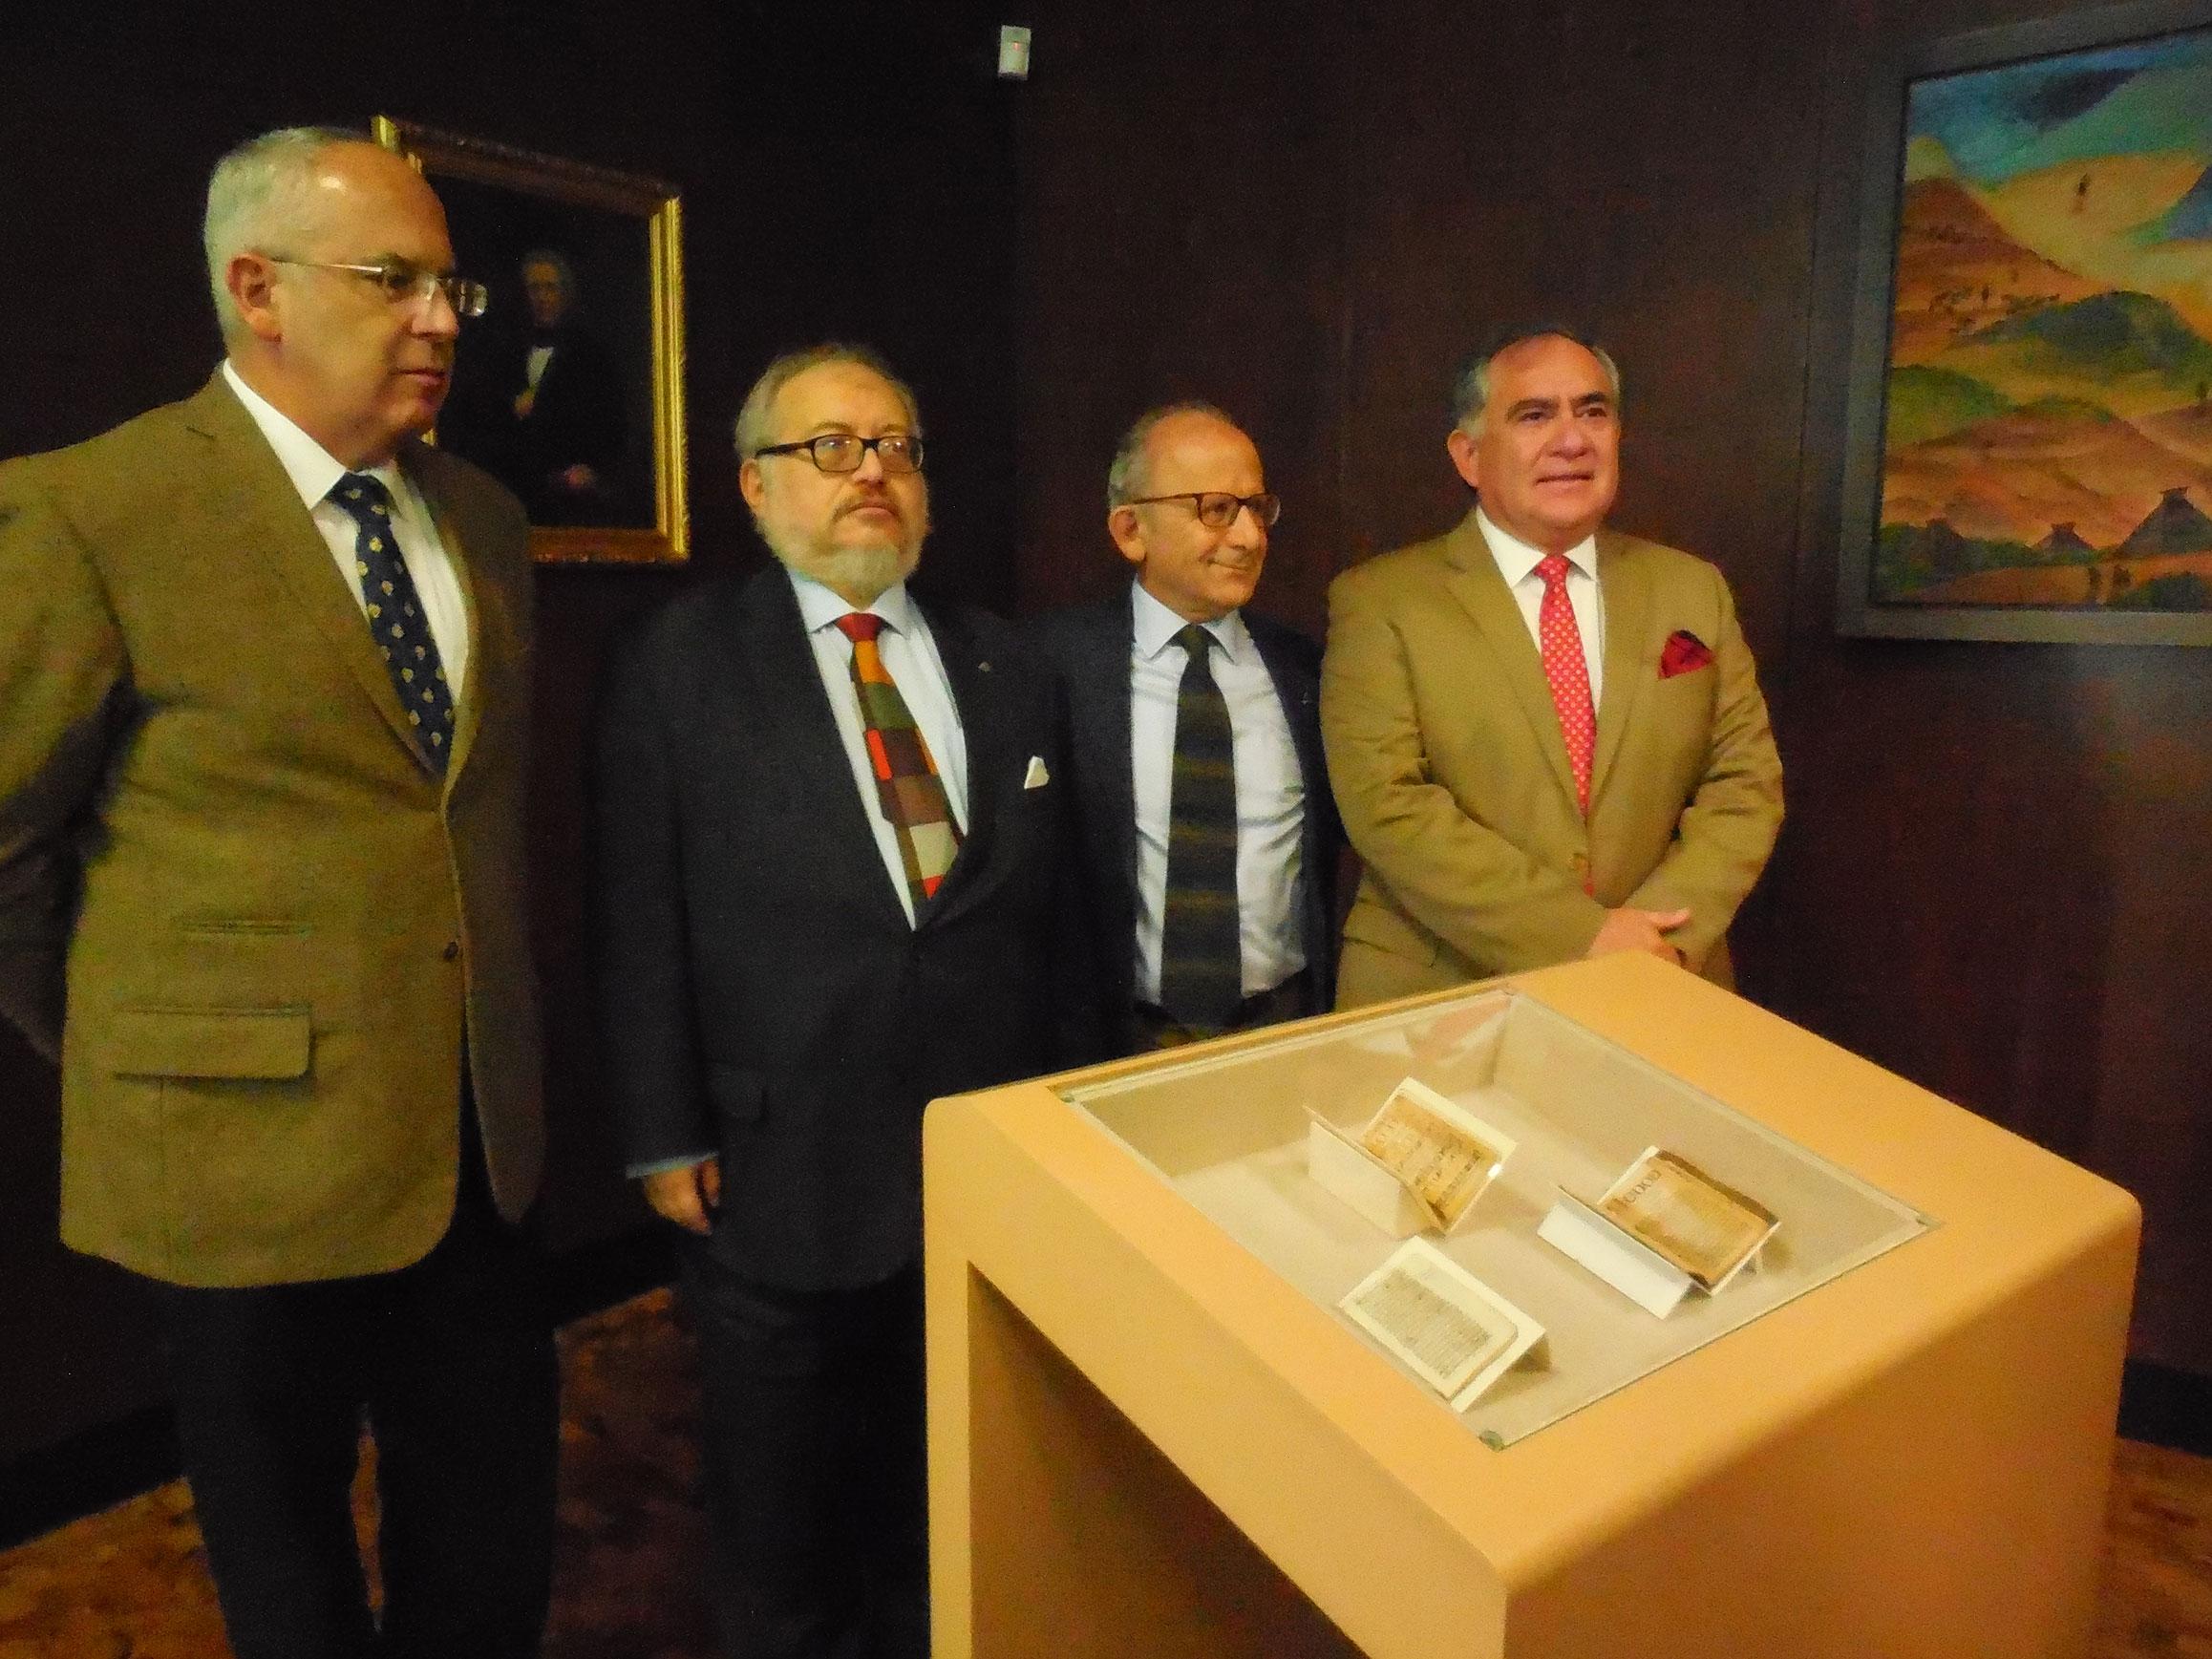 Baltazar Brito, Diego Prieto, Luis Cacho y Antonio Saborit, con los manuscritos de Luis de Carvajal. Foto: Elia Annel Rosas